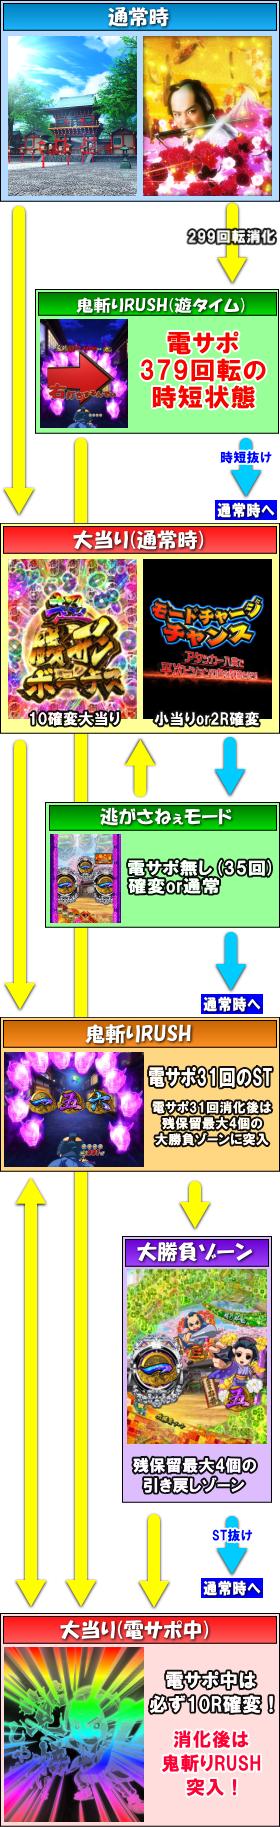 パチンコP銭形平次2 疾風STVer.のゲームフロー通常時画像